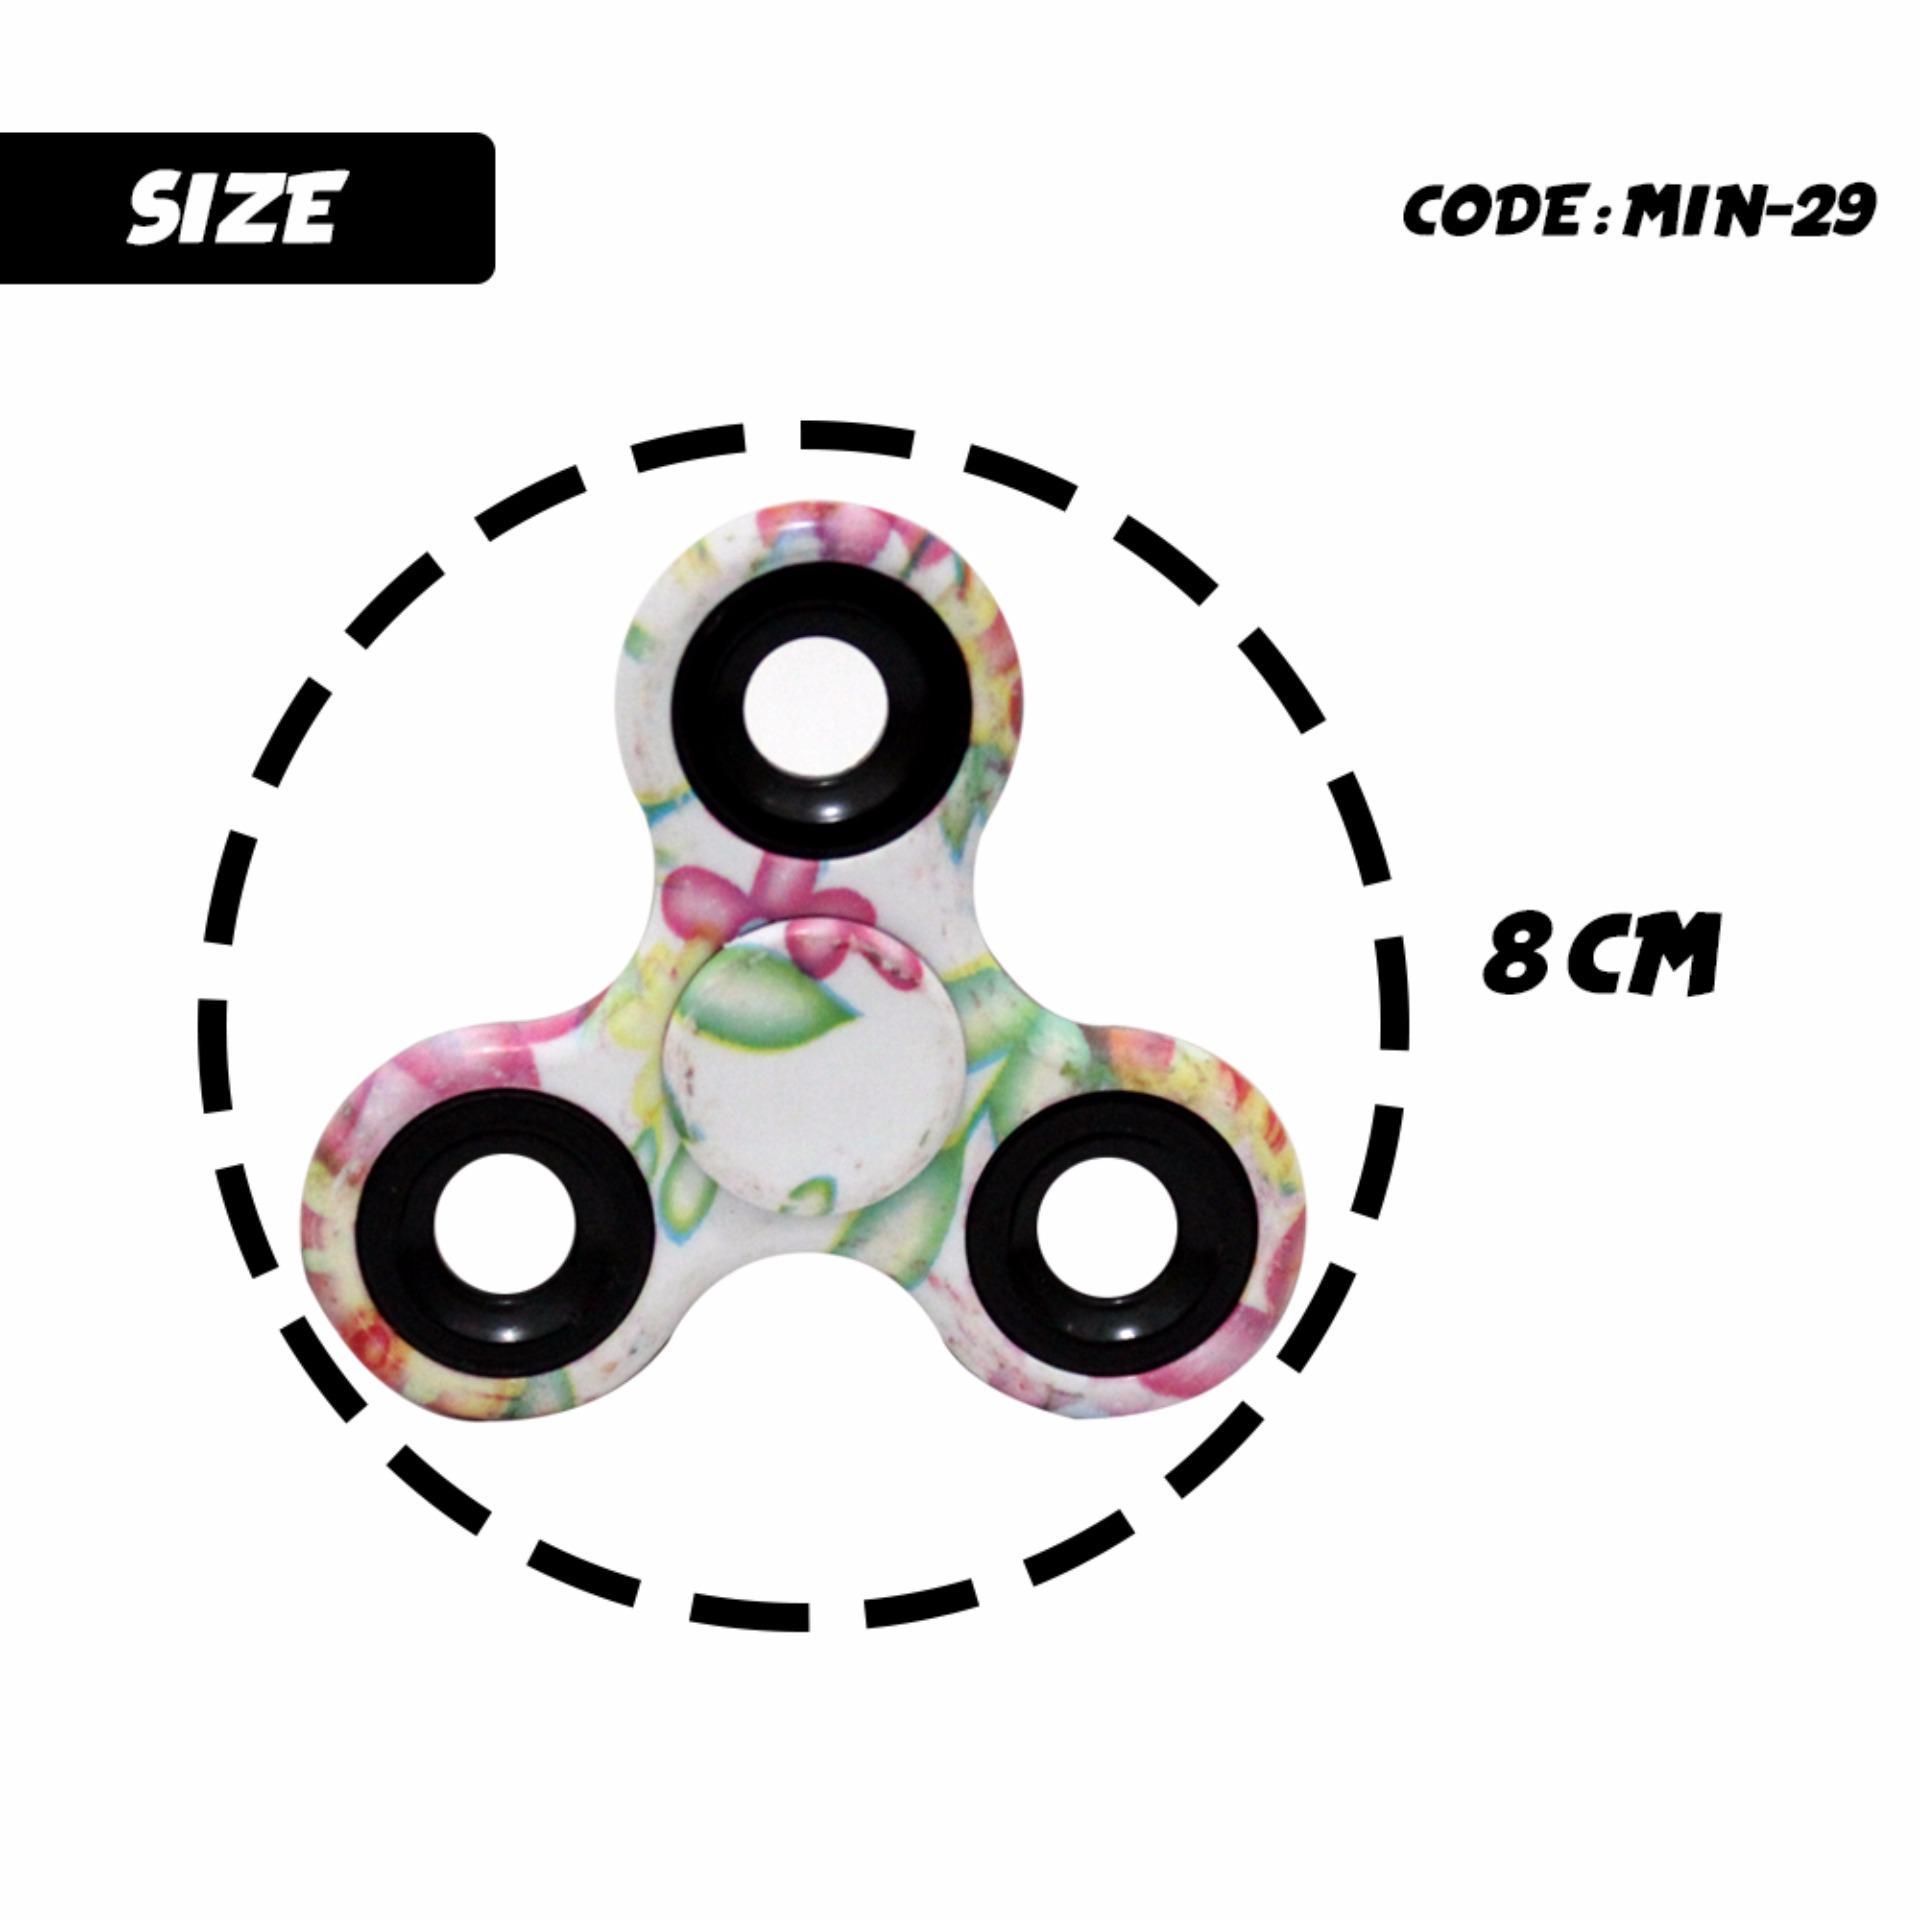 Fidget Spinner 9 Balls Triangle Kuning Daftar Harga Terbaru Dan Full Metal Segi Tiga Sj0048 Motif Belang Unik Menarik